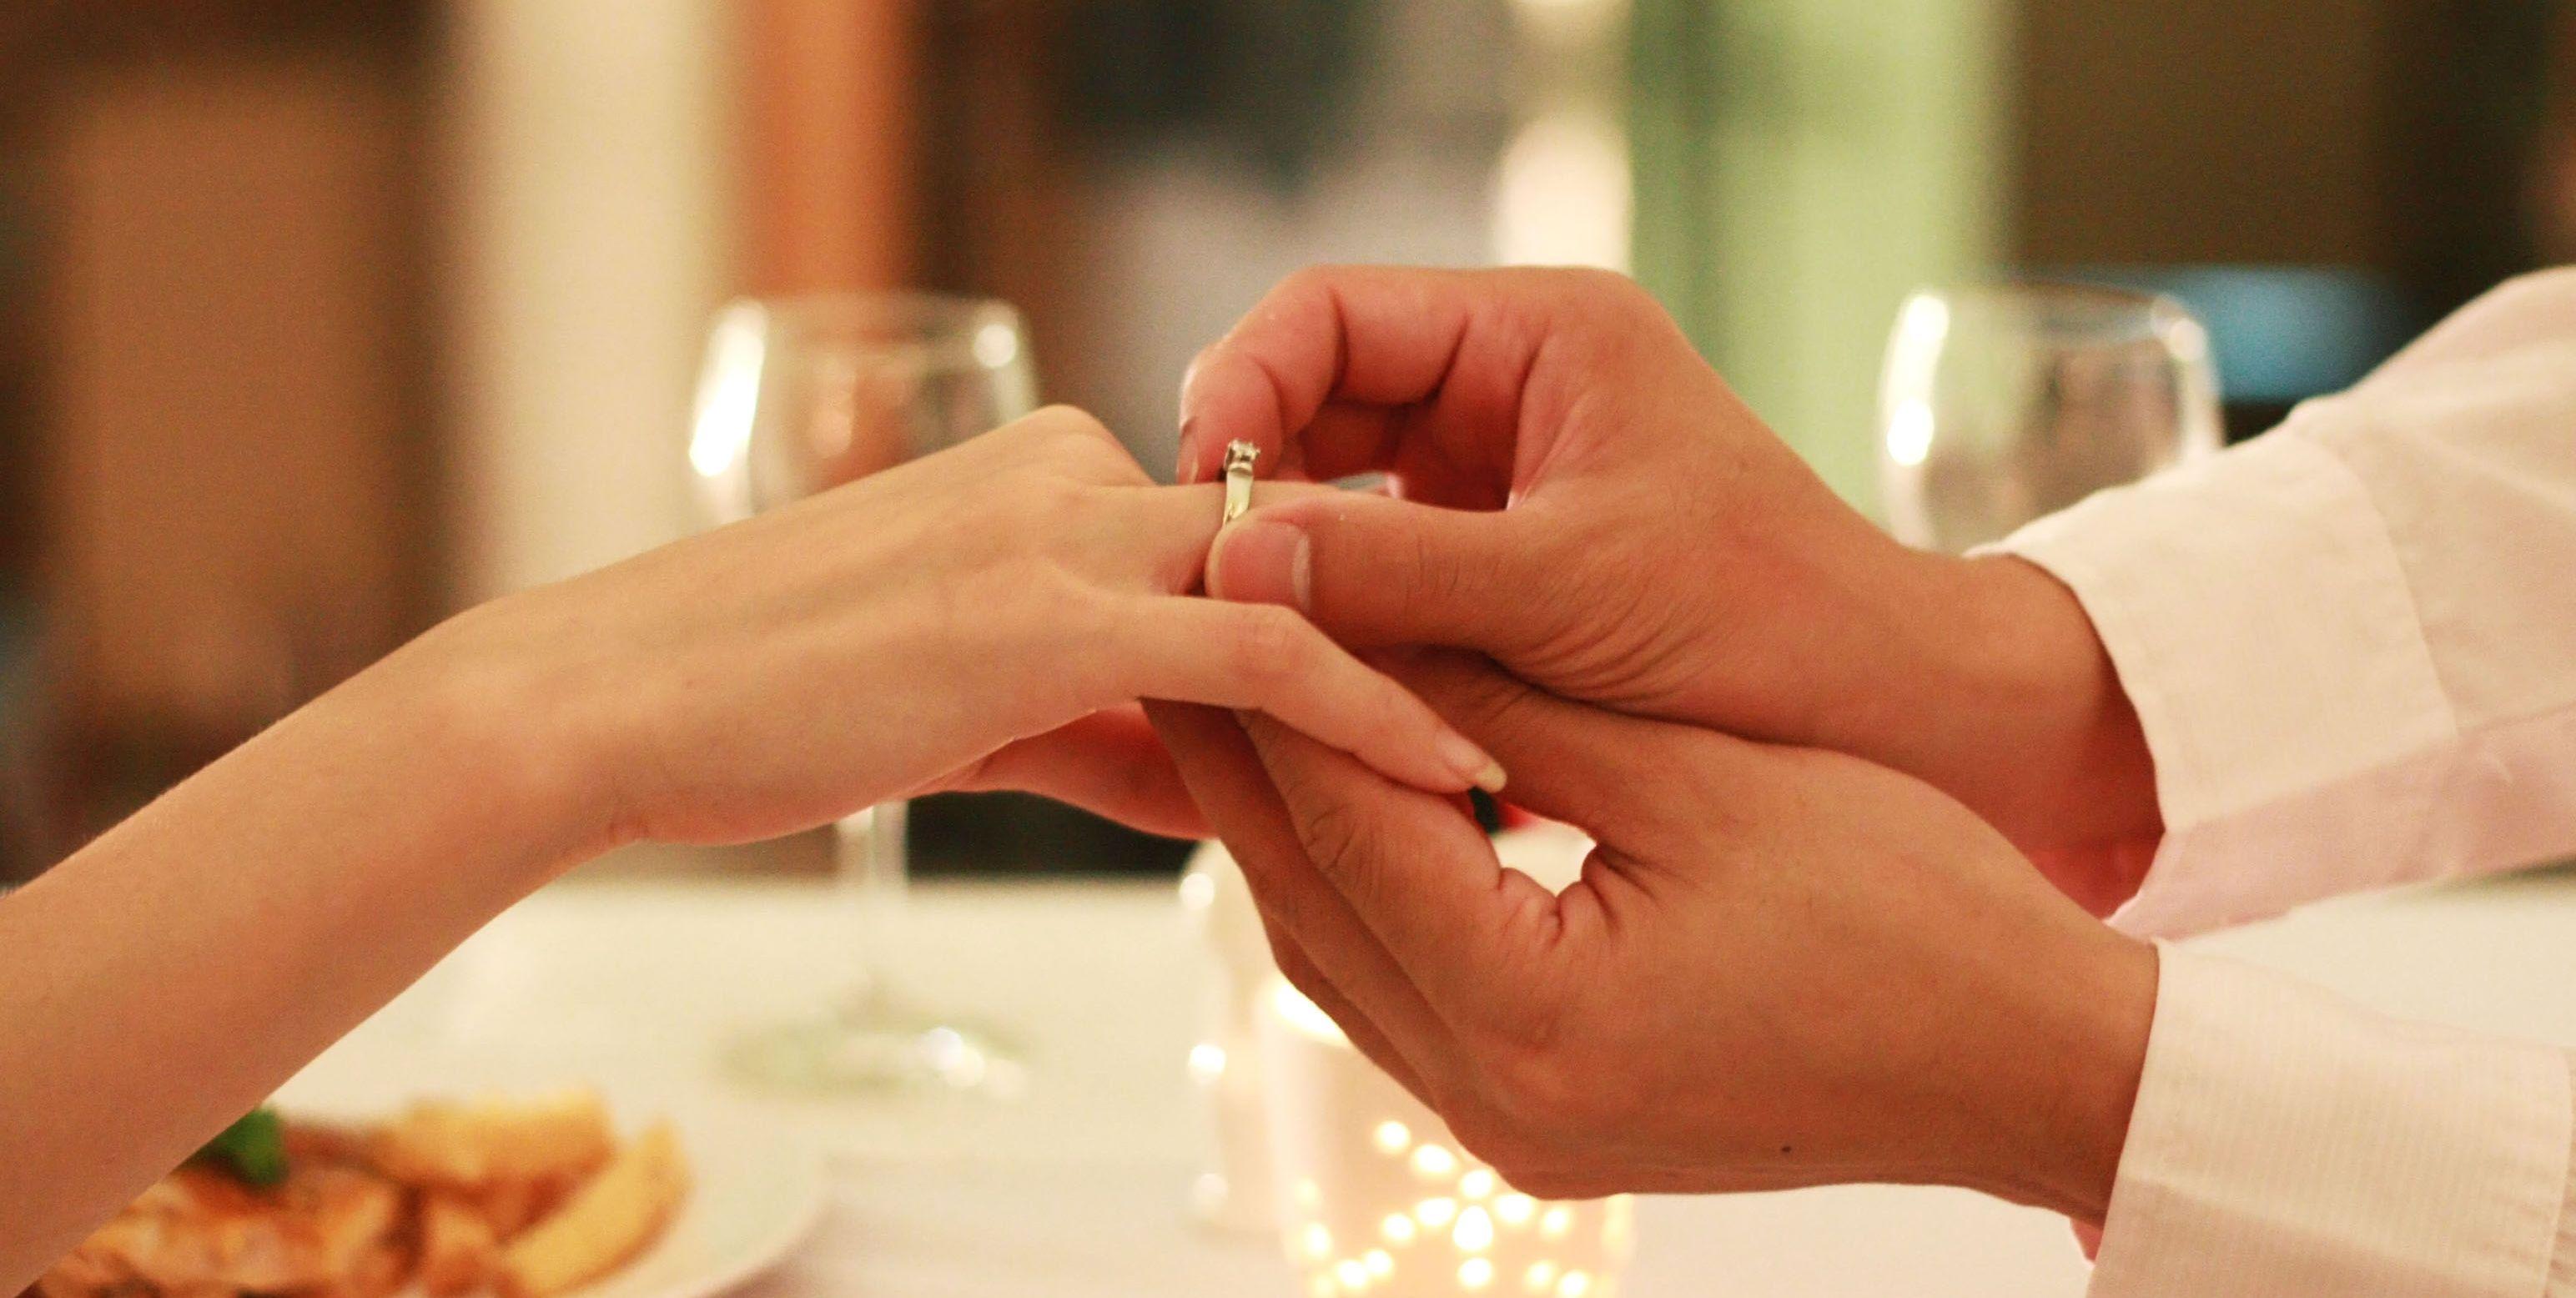 laura-ponticorvo-ten-huwelijk-gevraagd